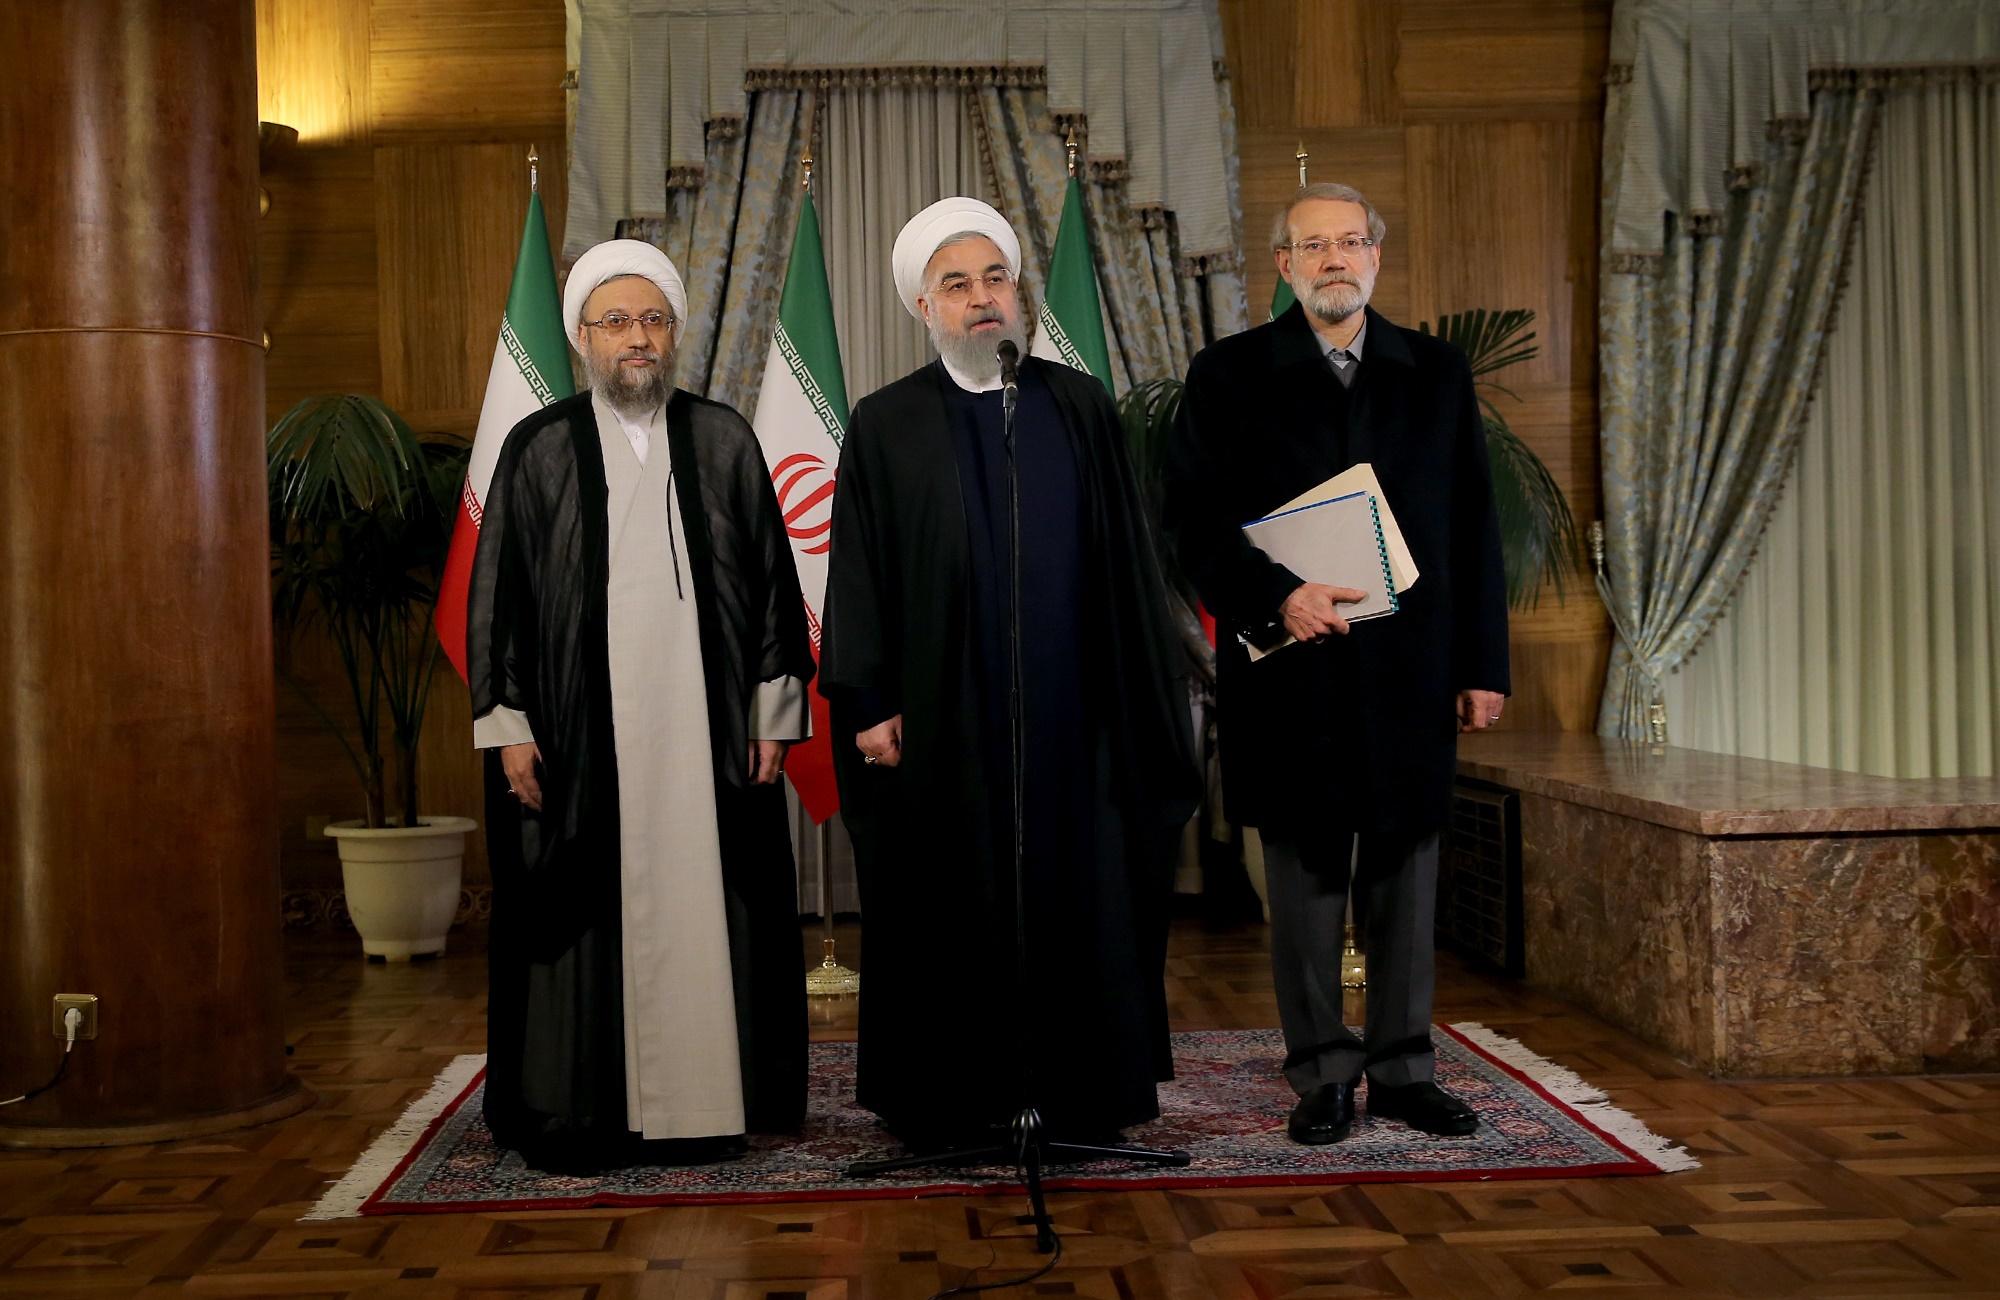 روحانی: منطقه باحمایت و اسلحهآمریکایی رویخوش نخواهددید